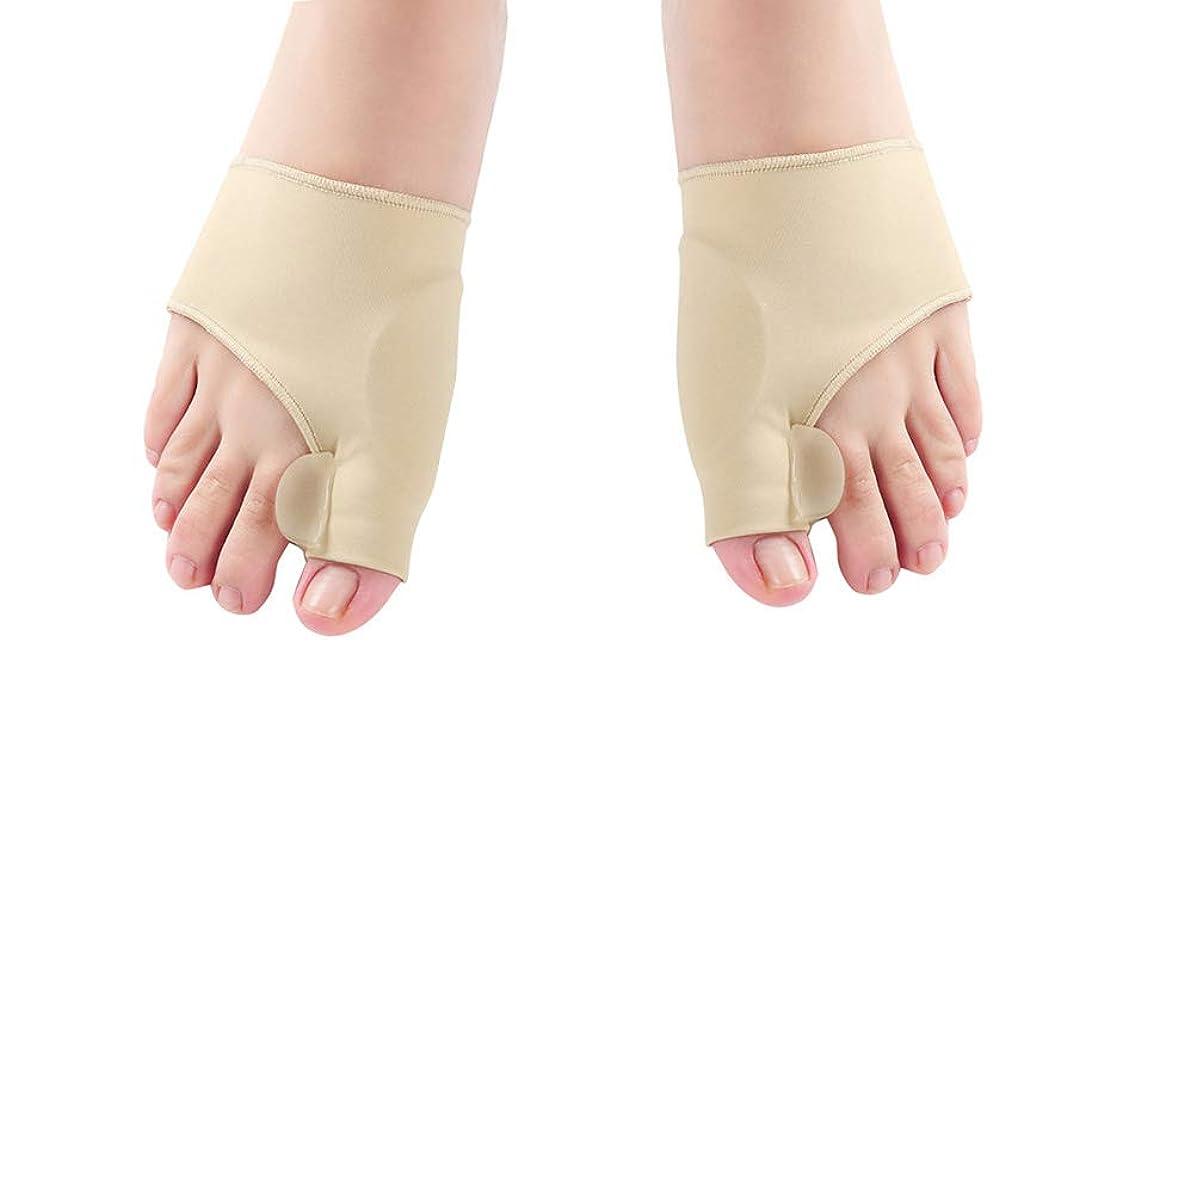 コーナー教育する告発Healifty un補正器つま先矯正外反母趾矯正器親指整形外科用腱板副木親指分離器鎮痛剤昼夜使用 - サイズs(カーキ)